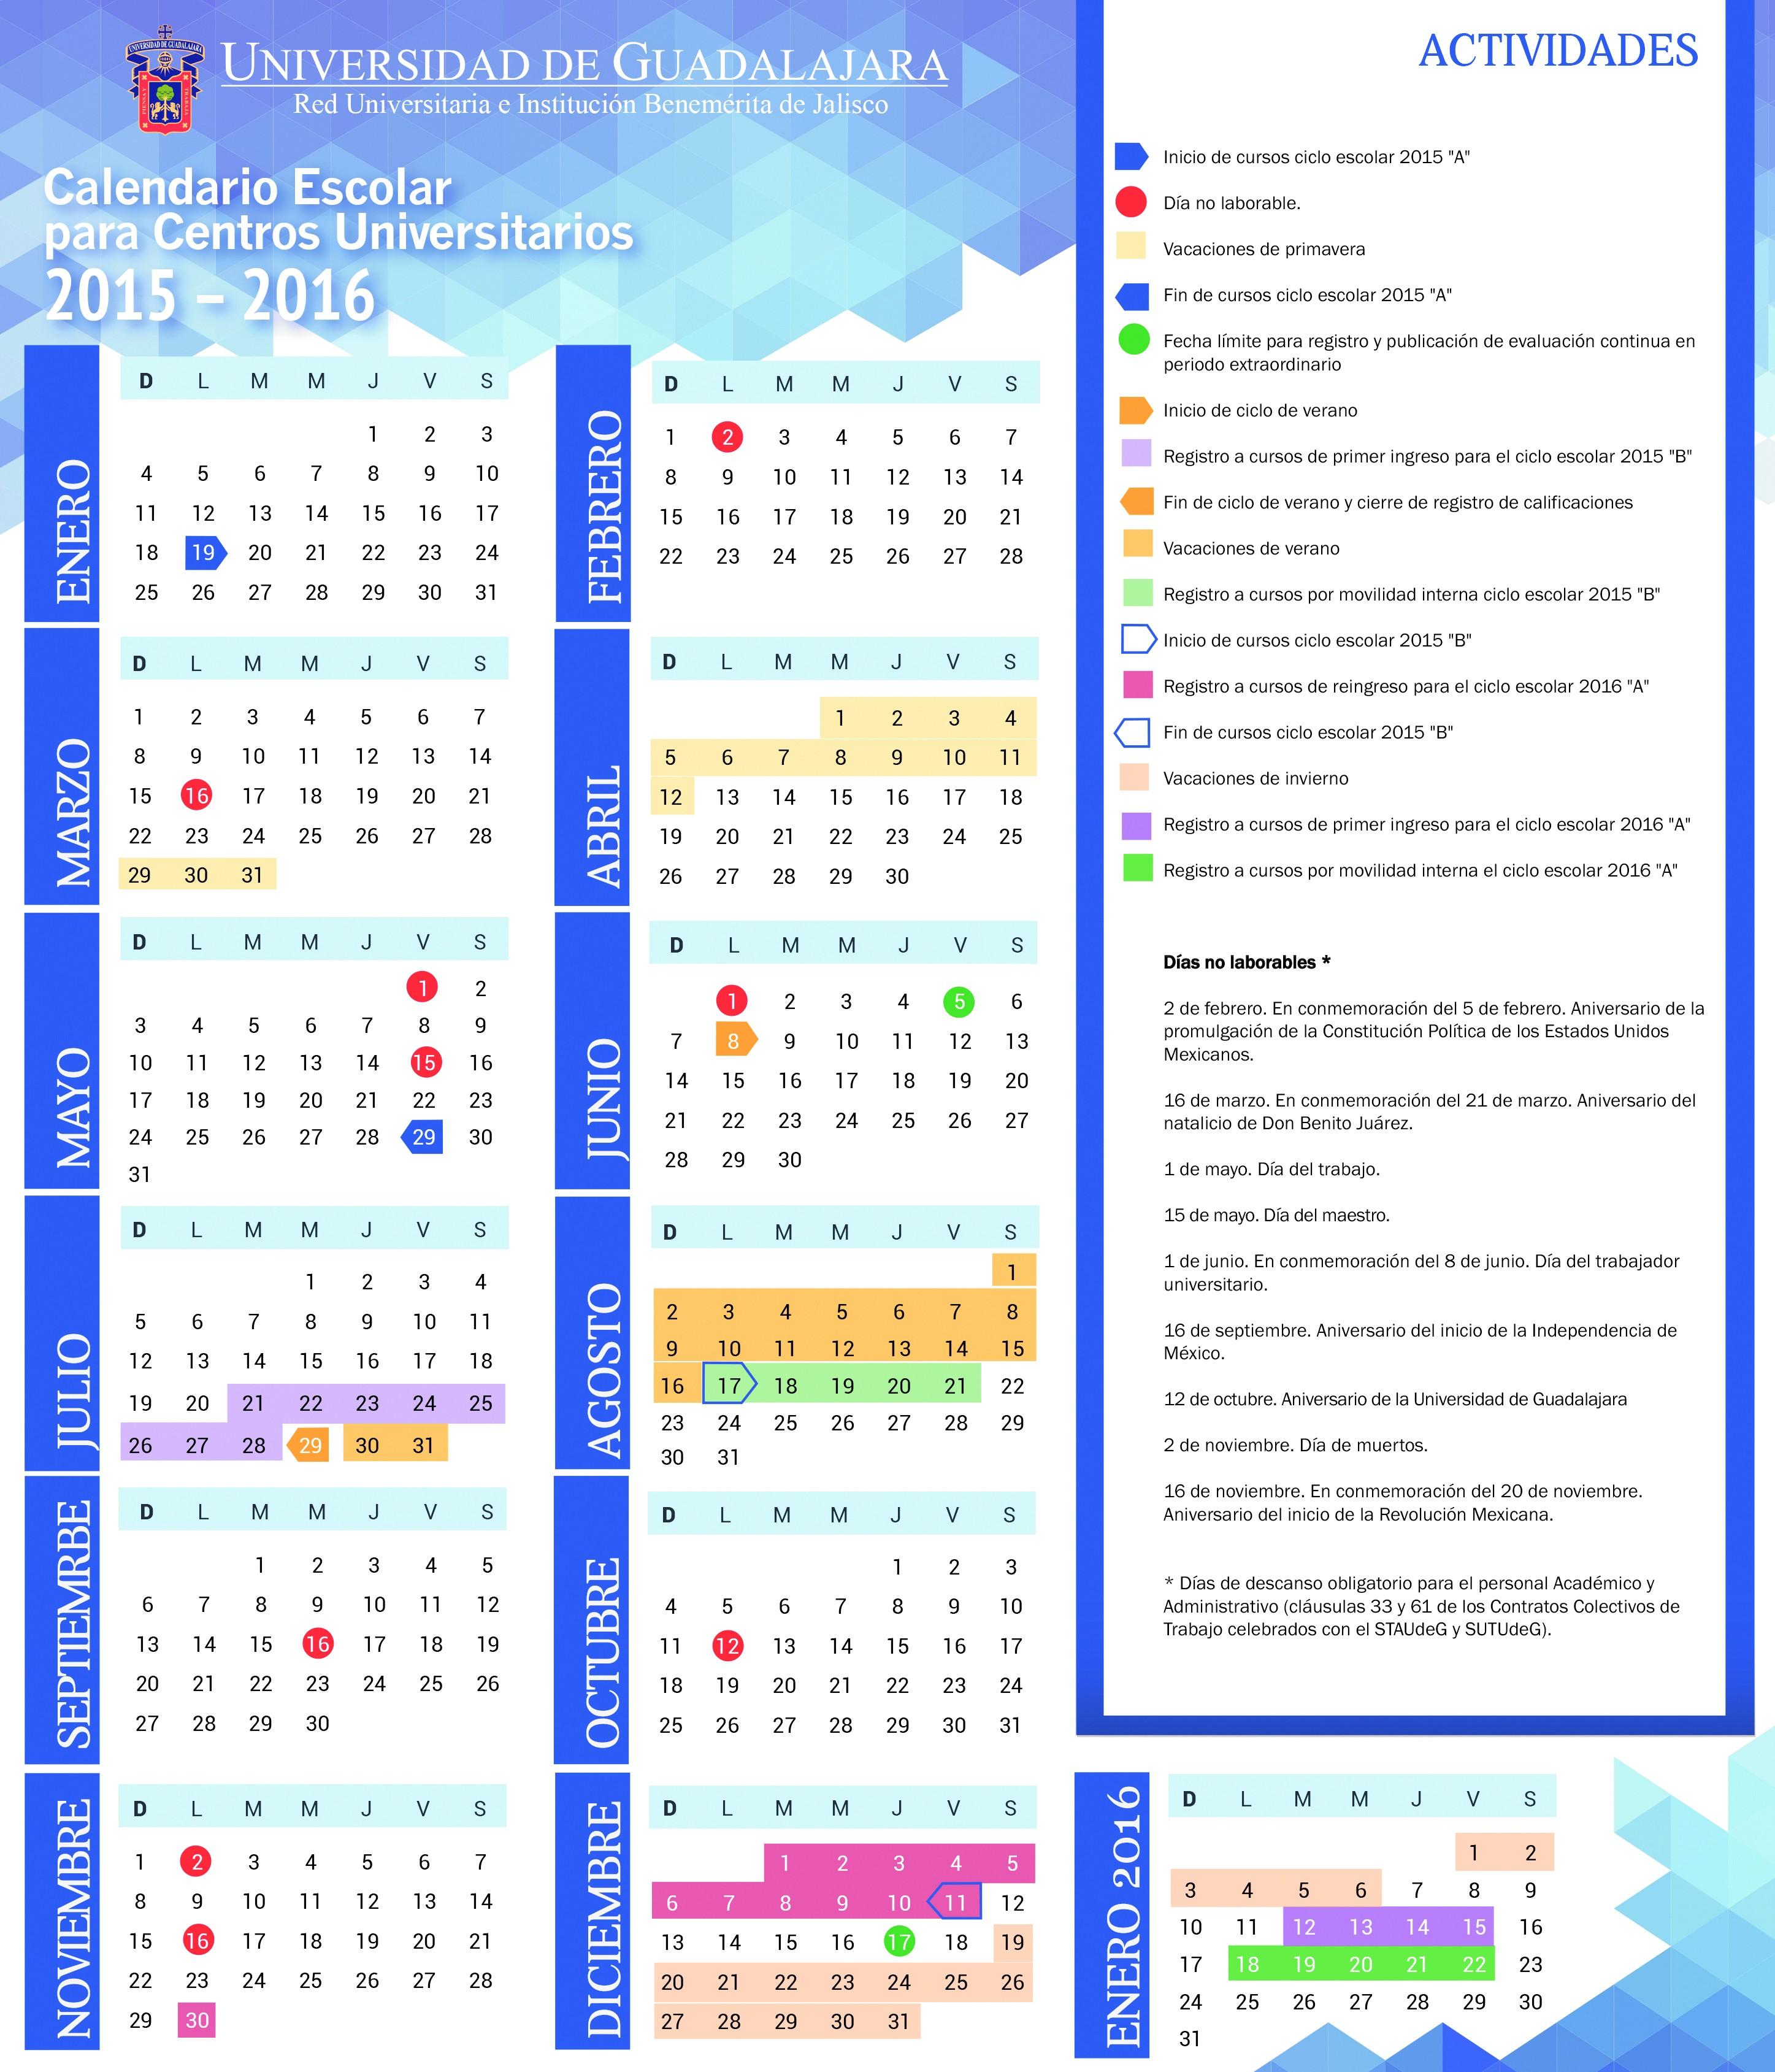 Calendario 2017 Uruguay Para Imprimir Con Feriados Recientes Calendario 2015 1 Copy Universidad Nacional Autnoma De Mxico Of Calendario 2017 Uruguay Para Imprimir Con Feriados Más Recientemente Liberado Eur Lex R2454 En Eur Lex